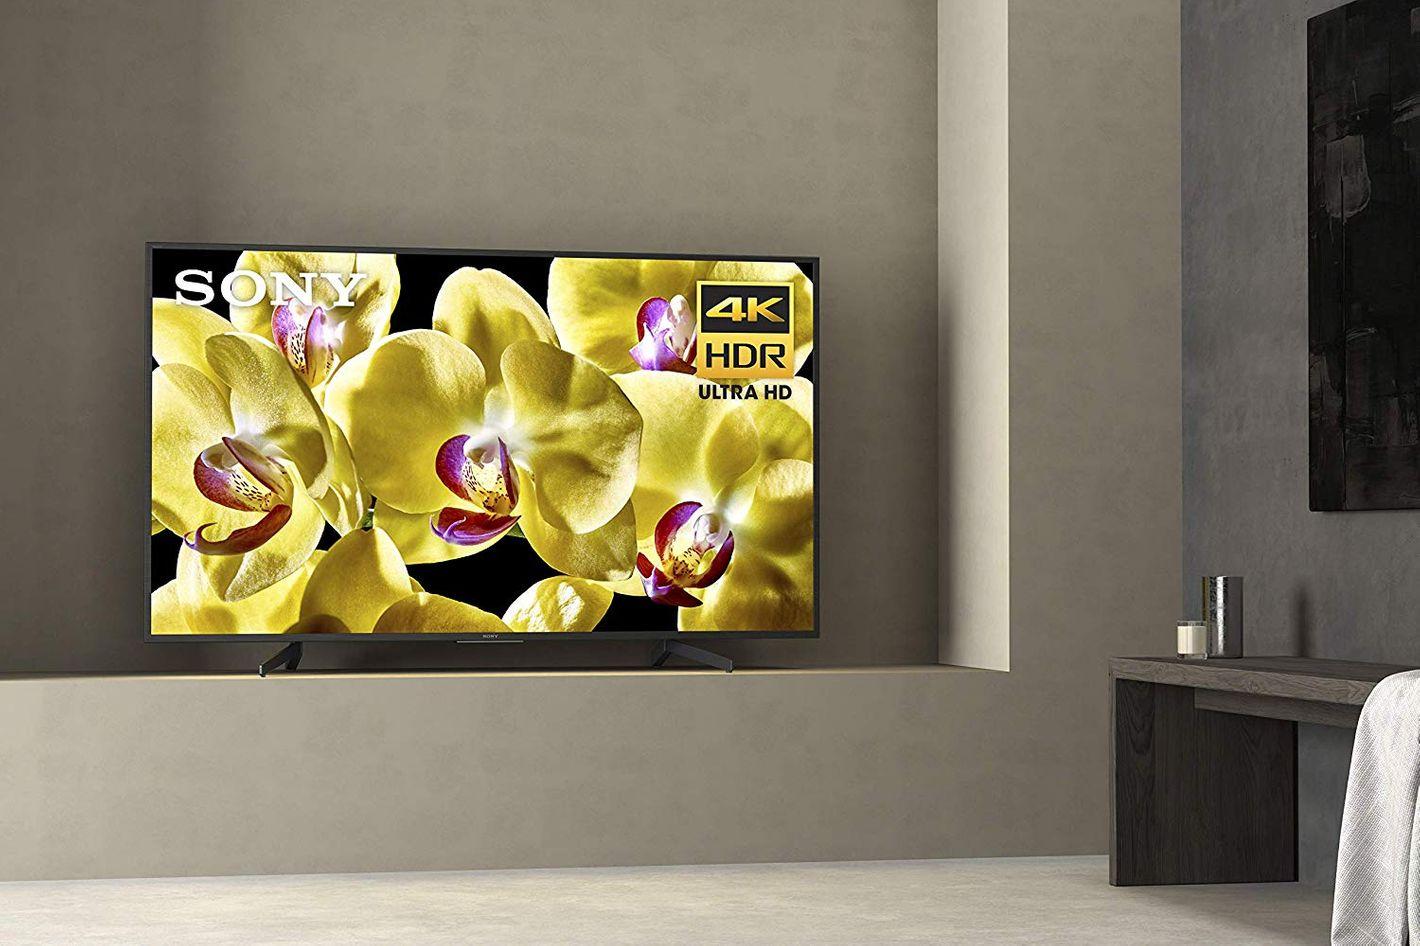 Sony XBR-55X800G 55-Inch 4K Ultra HD LED TV